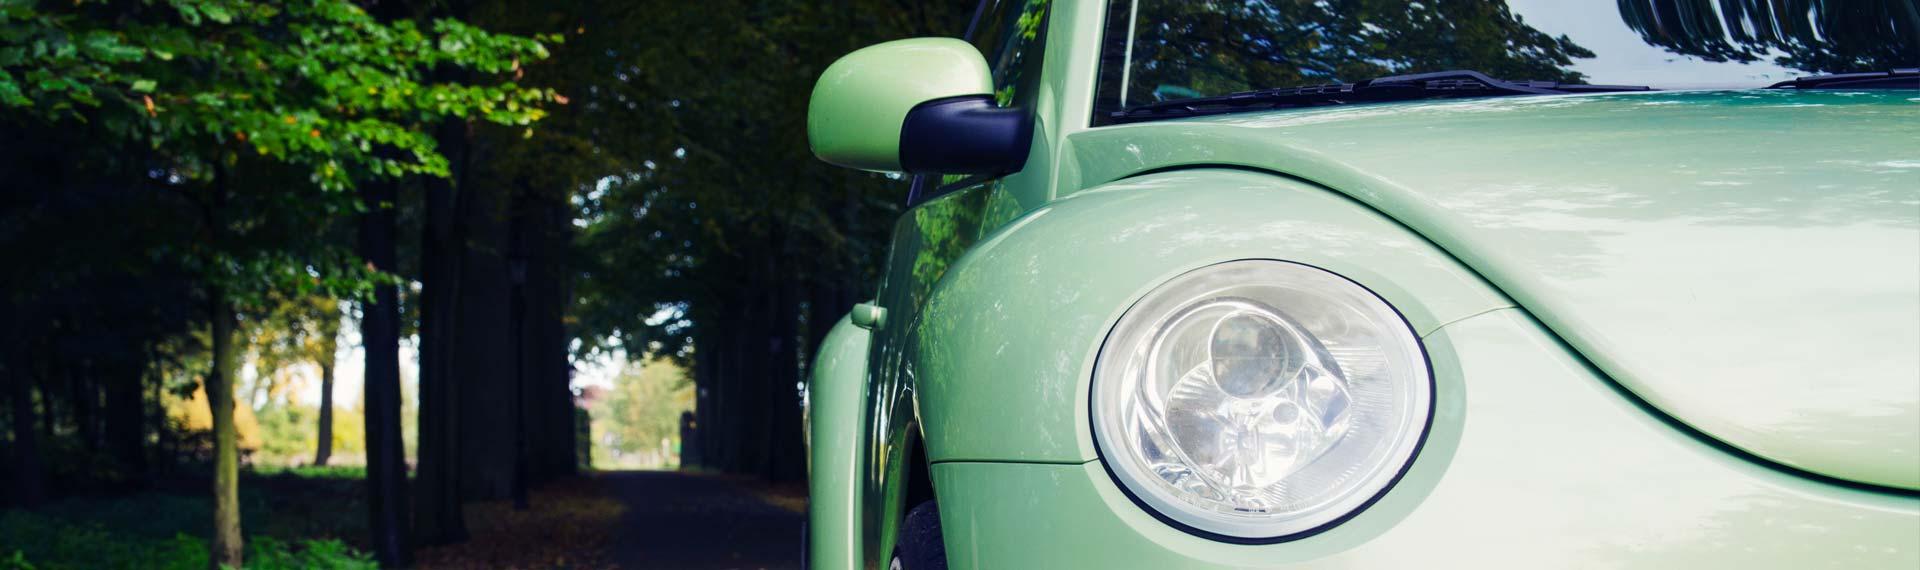 auto-closeup-3